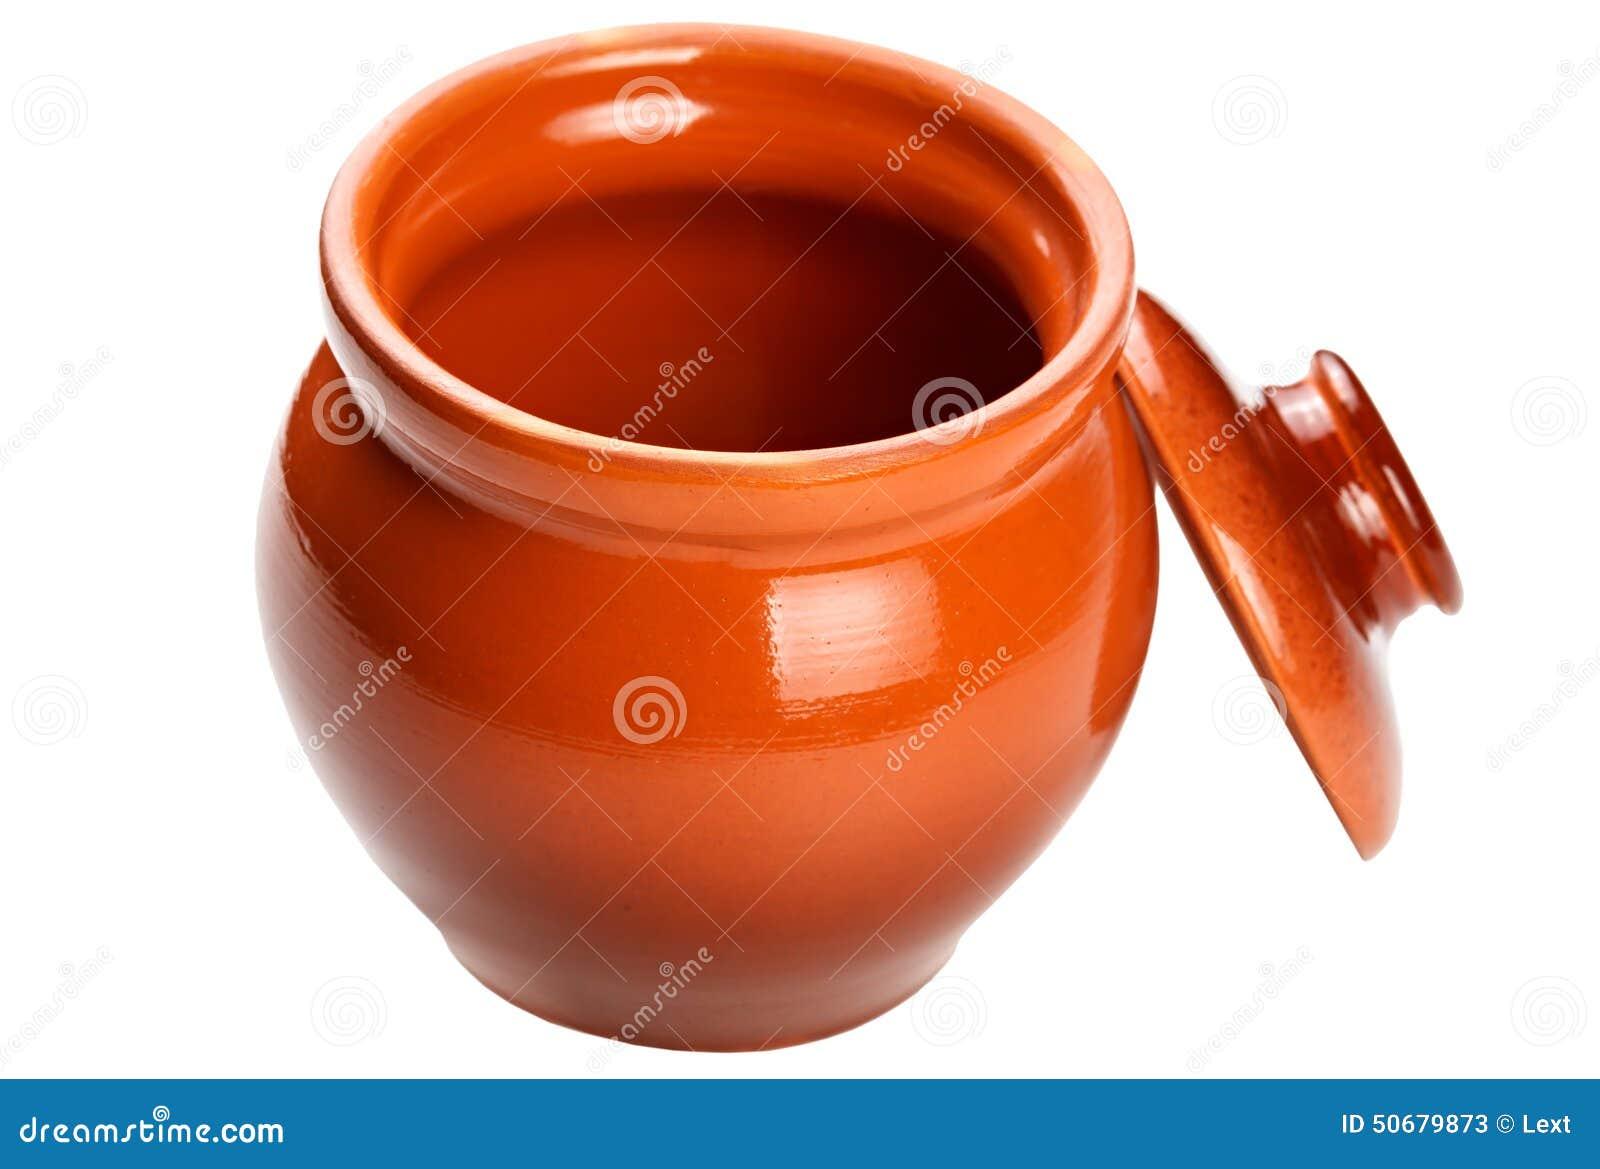 Download 烹调的泥罐 库存图片. 图片 包括有 背包, 设备, 点心, 简单, 陶瓷, 碗筷, 弯脚的, 查出, 传统 - 50679873